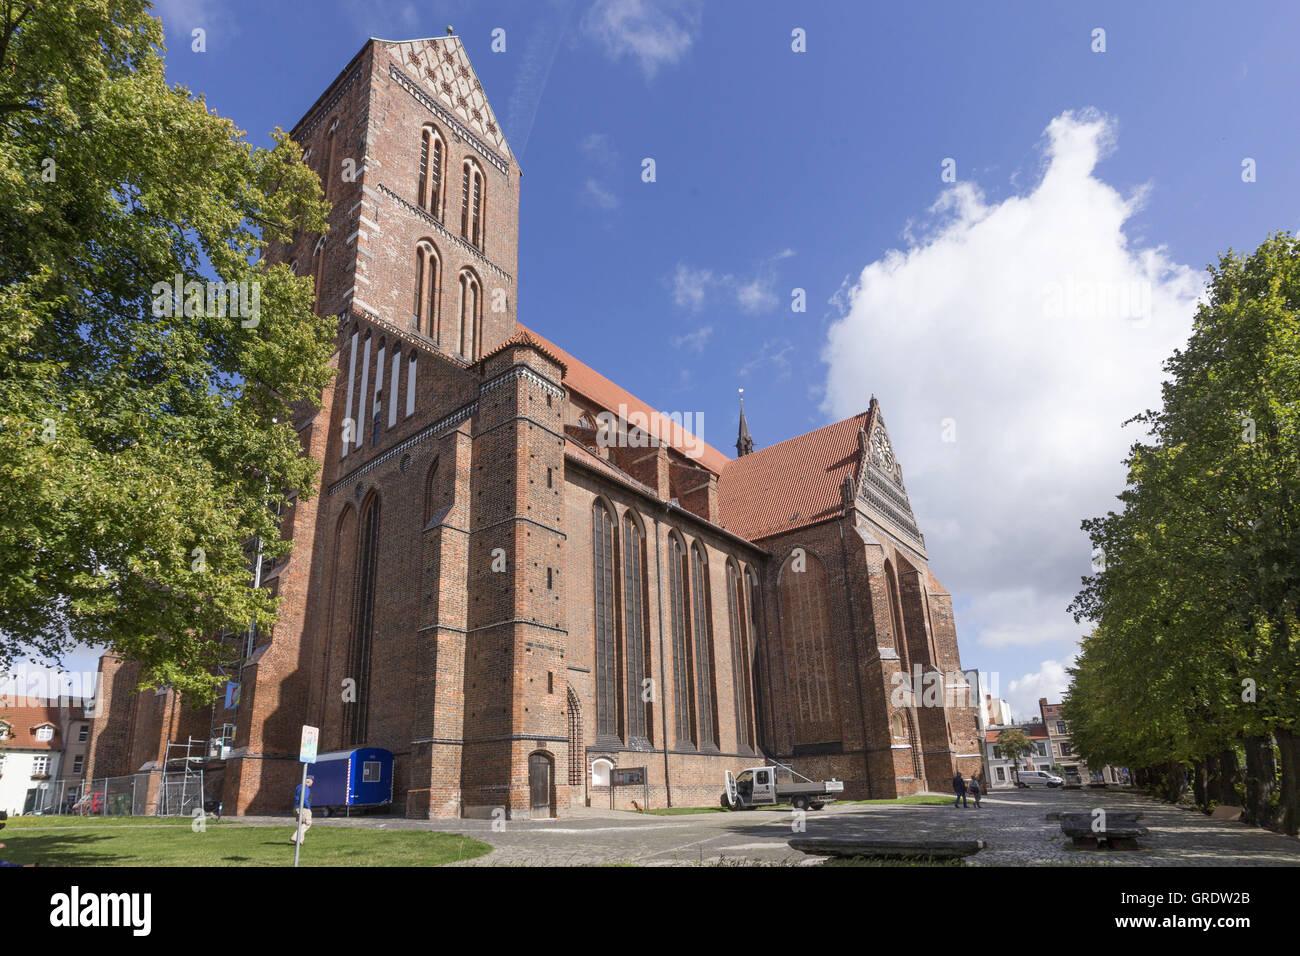 St. Nikolai Church In Downtown Wismar Mecklenburg-Vorpommern - Stock Image